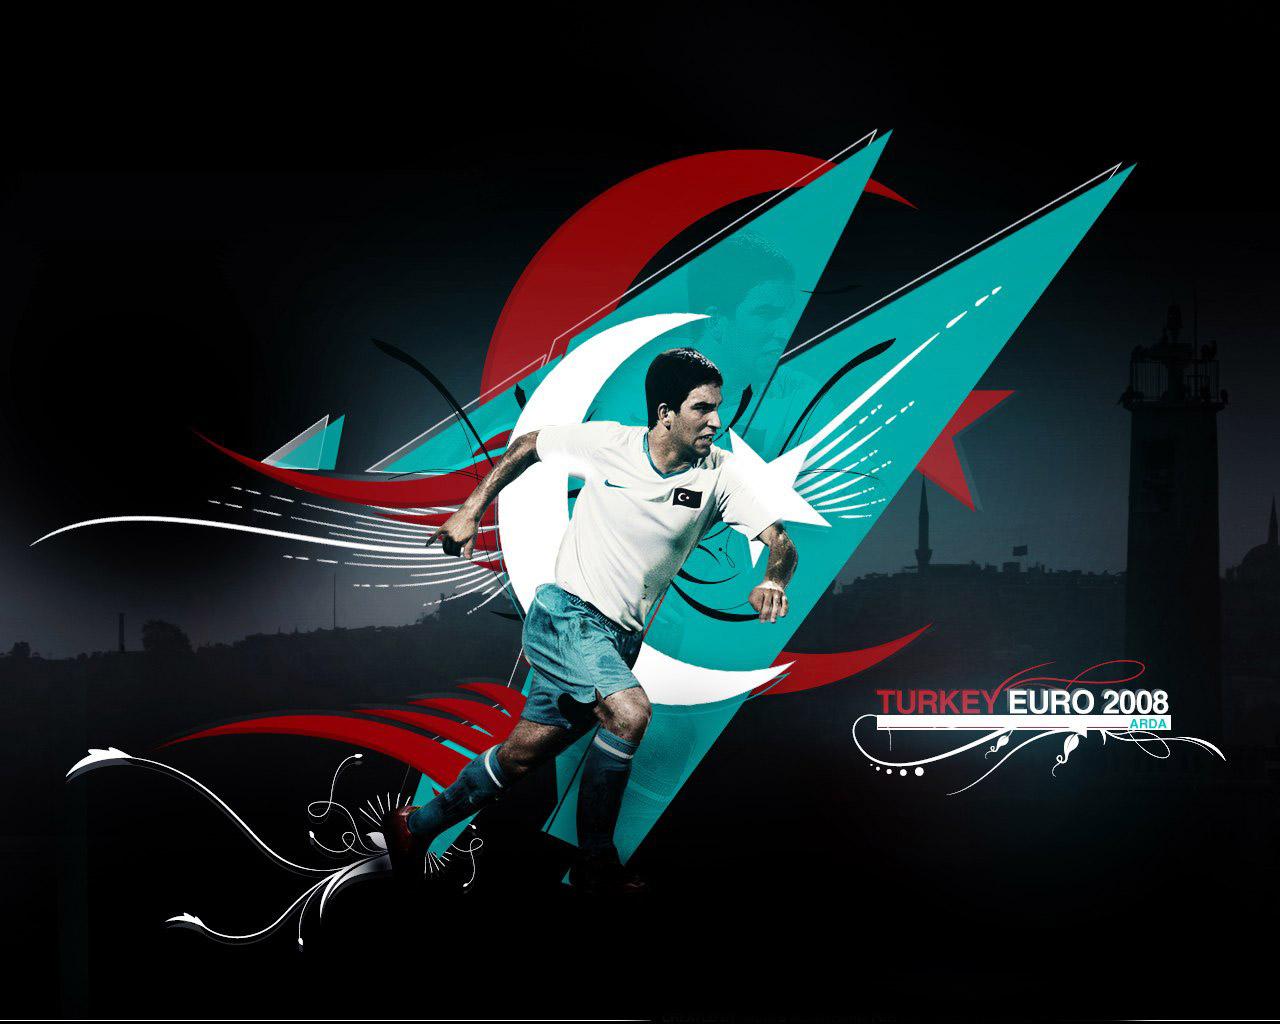 Евро 2008 обои